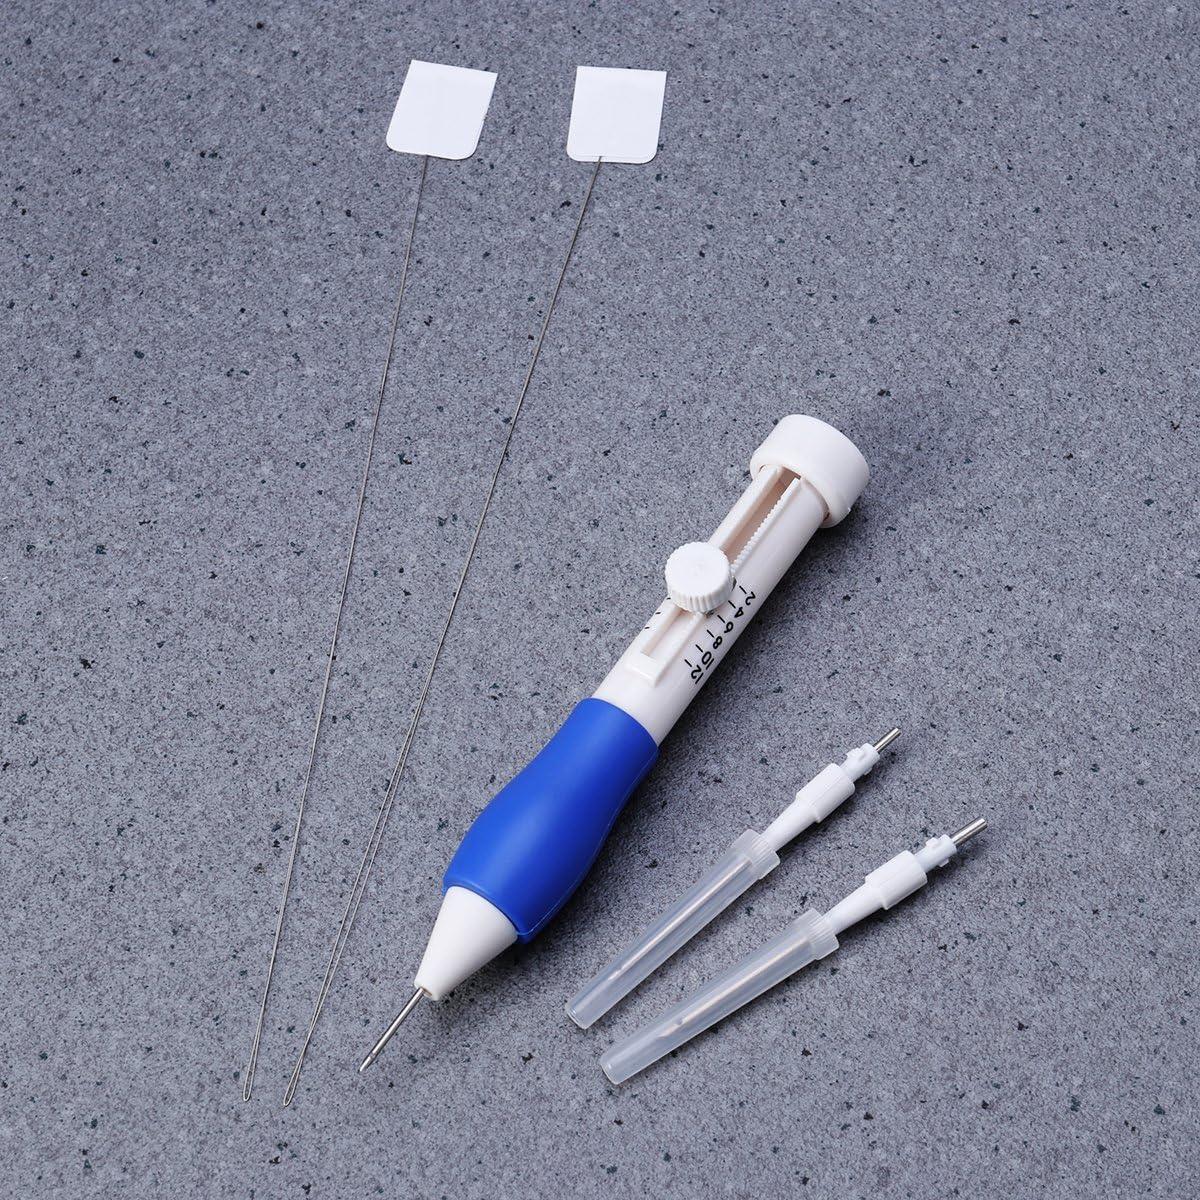 Juego de bol/ígrafos de Bordado para Coser a Punto Hilos Juego de Punzones y Punzones para Manualidades SUPVOX Juego de Agujas de Bordado